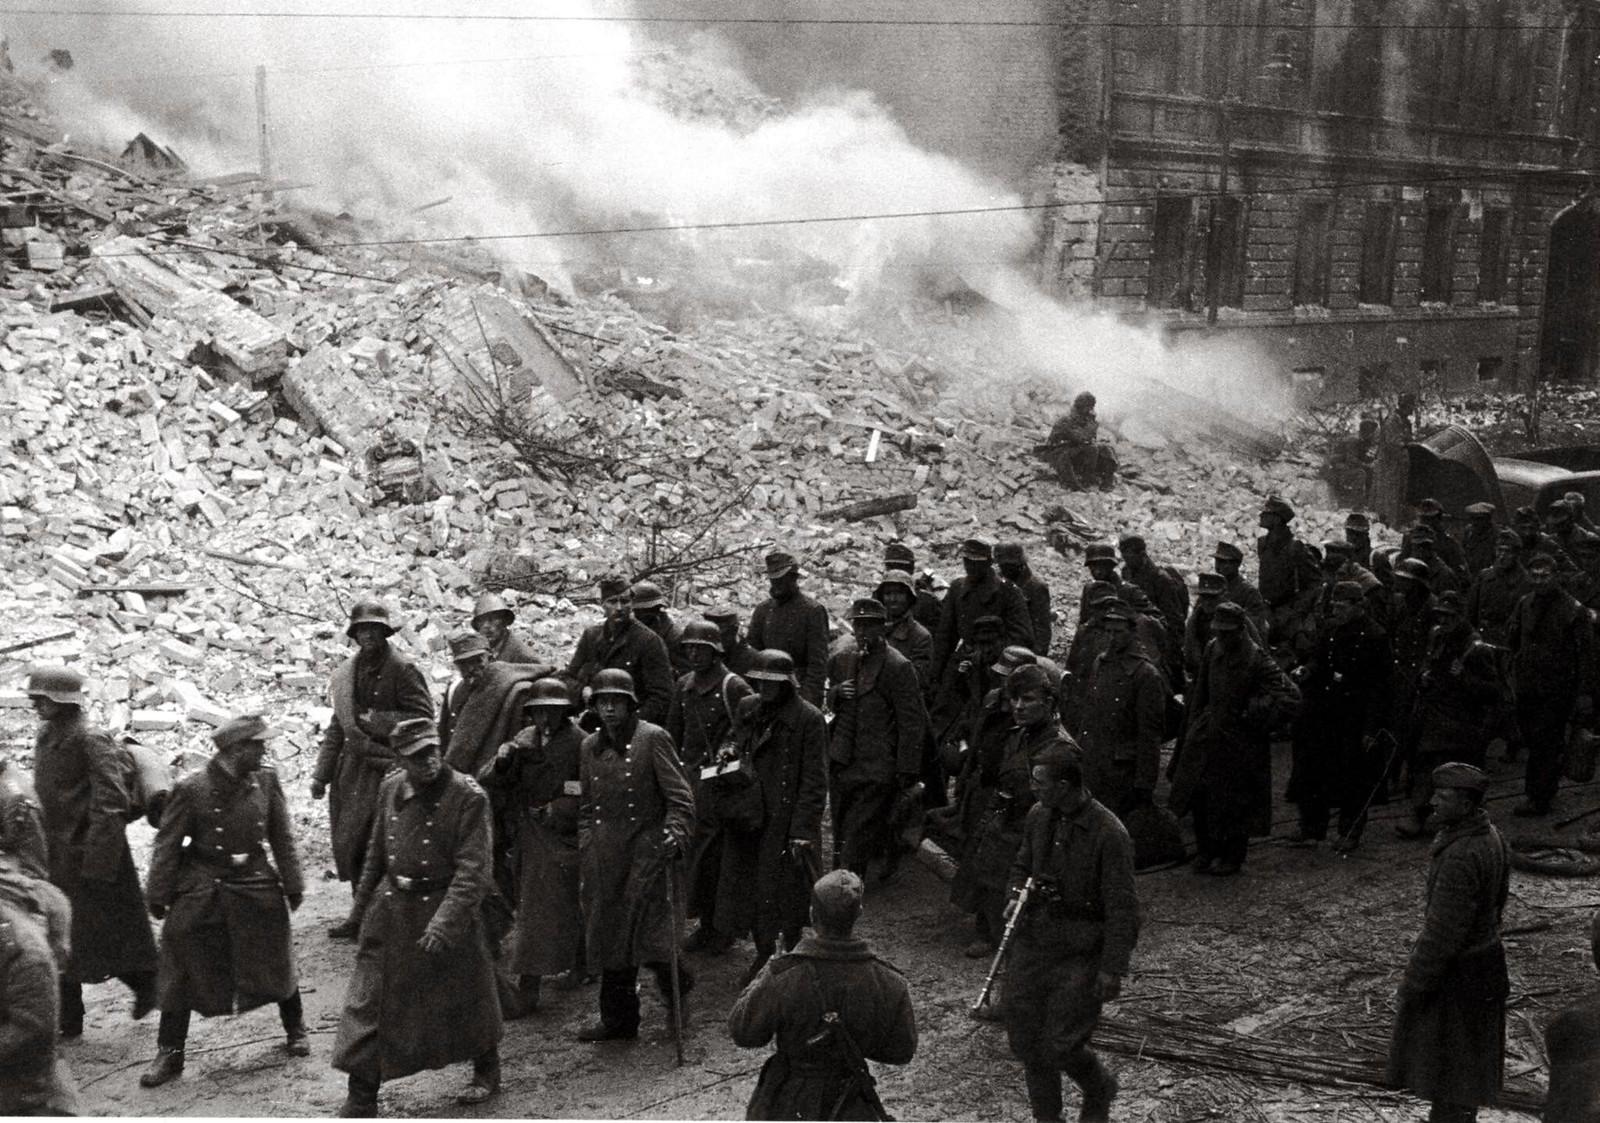 11. Советские солдаты ведут немецких военнопленных по истерзанным войной улицам Берлина